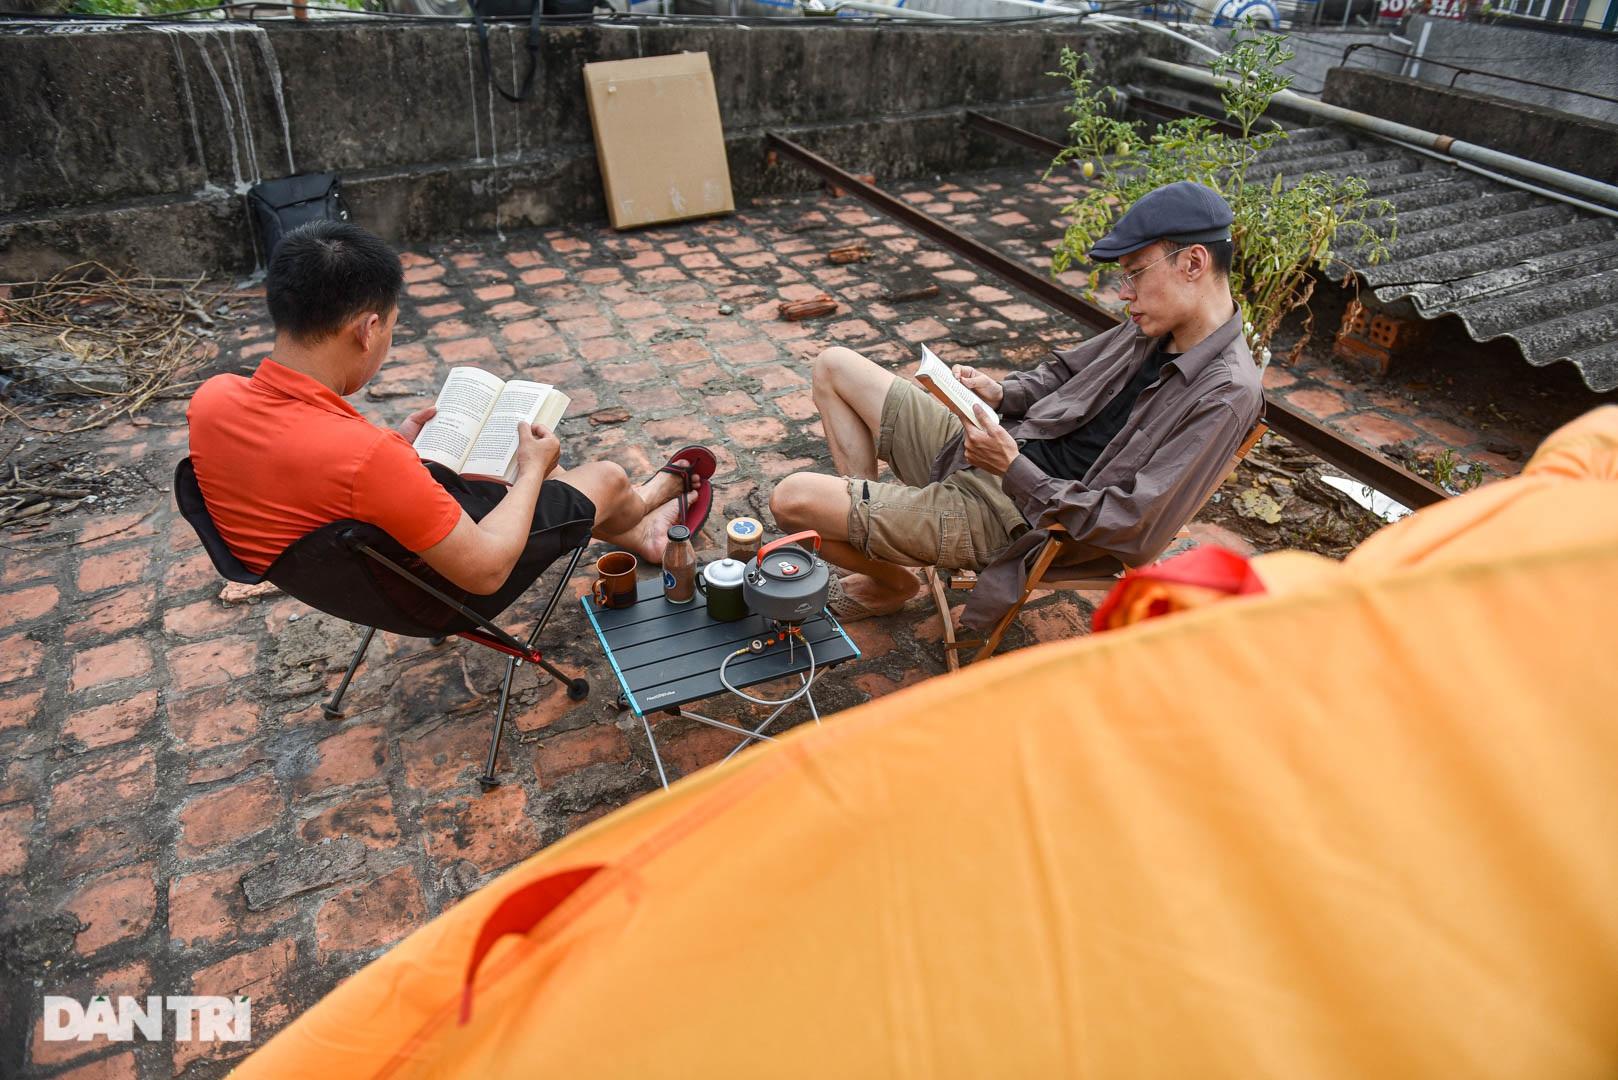 Thèm du lịch, giới trẻ đầu tư cắm trại tại gia: Chỉ ngắm nóc nhà vẫn vui - 6